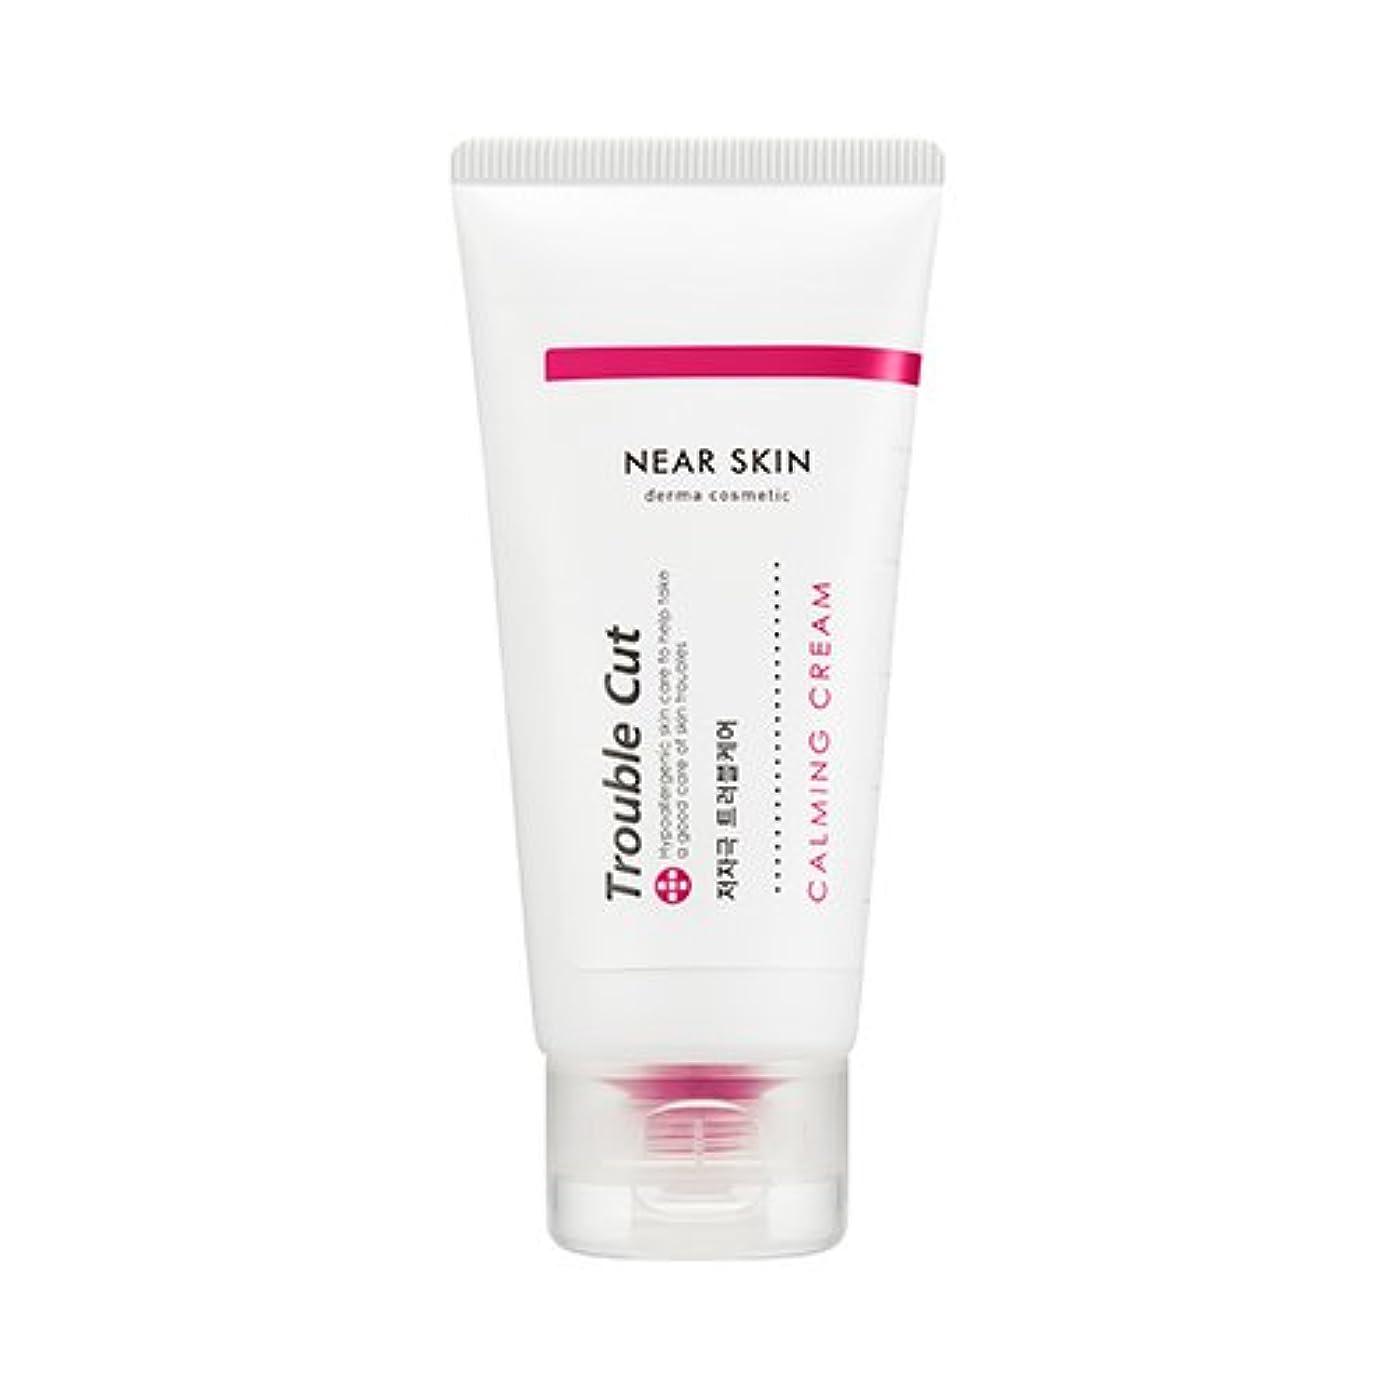 ブレイズチロ制限MISSHA [Near Skin] Trouble Cut Calming Cream 20ml / ミシャ ニアスキン トラブルカットカミングクリーム [並行輸入品]